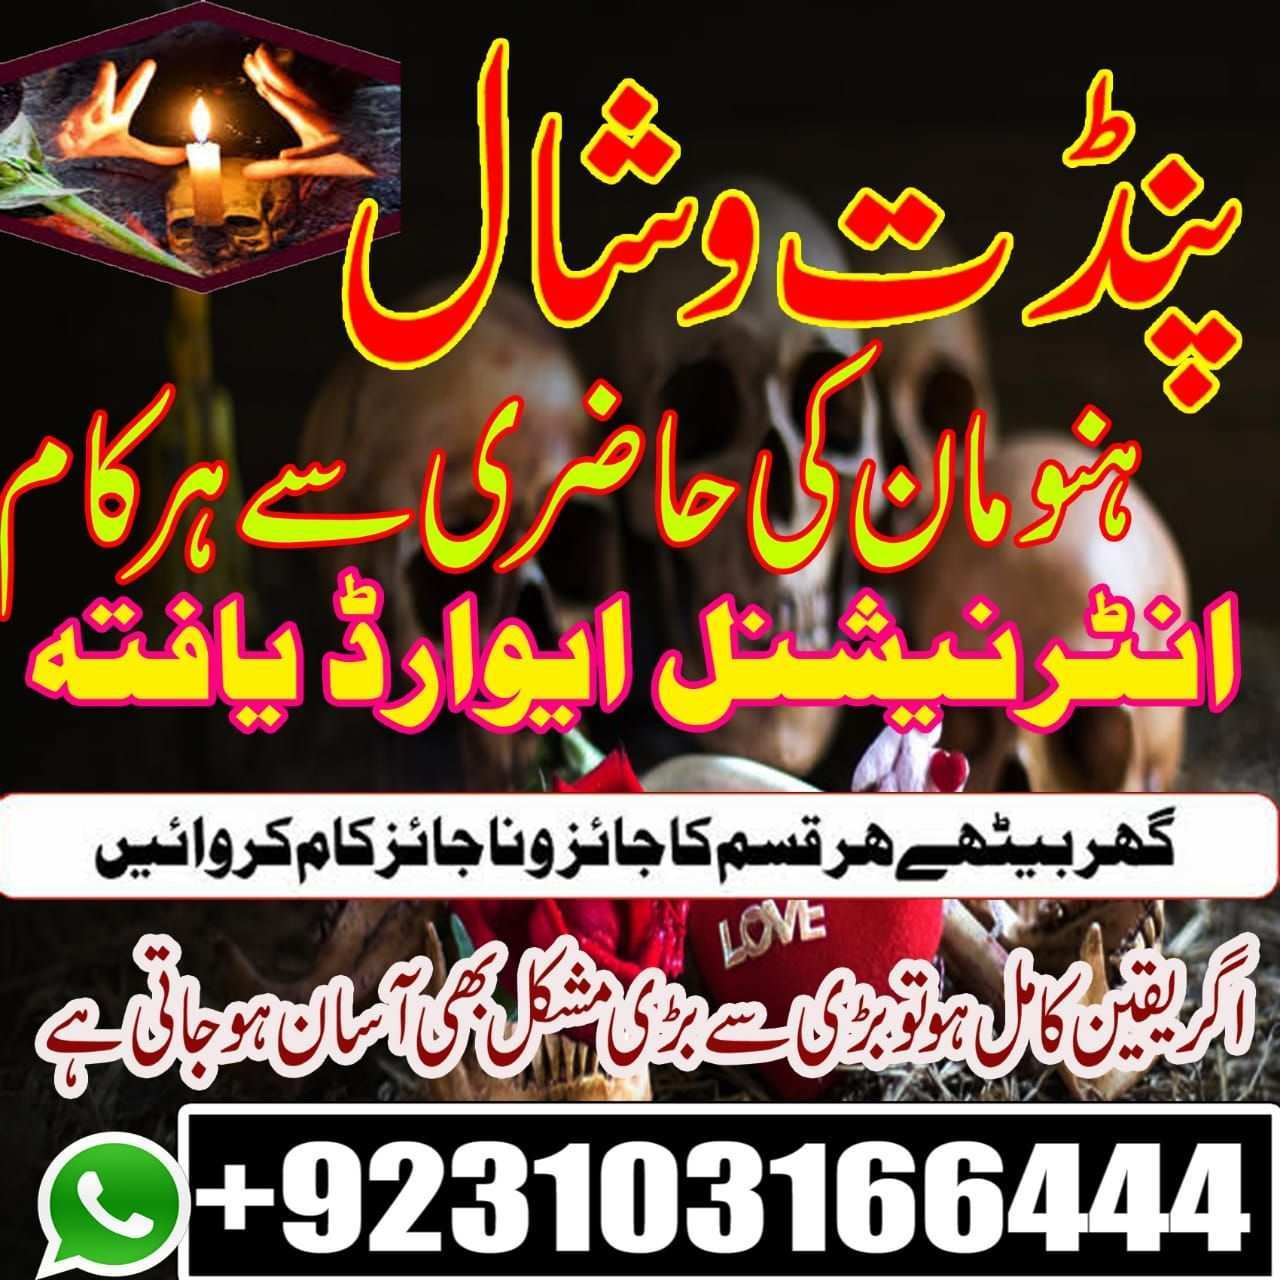 Astrologer In Qatara Dubai 00923103166444 Black Magic For Love In 2020 Black Magic For Love Black Magic Neon Signs